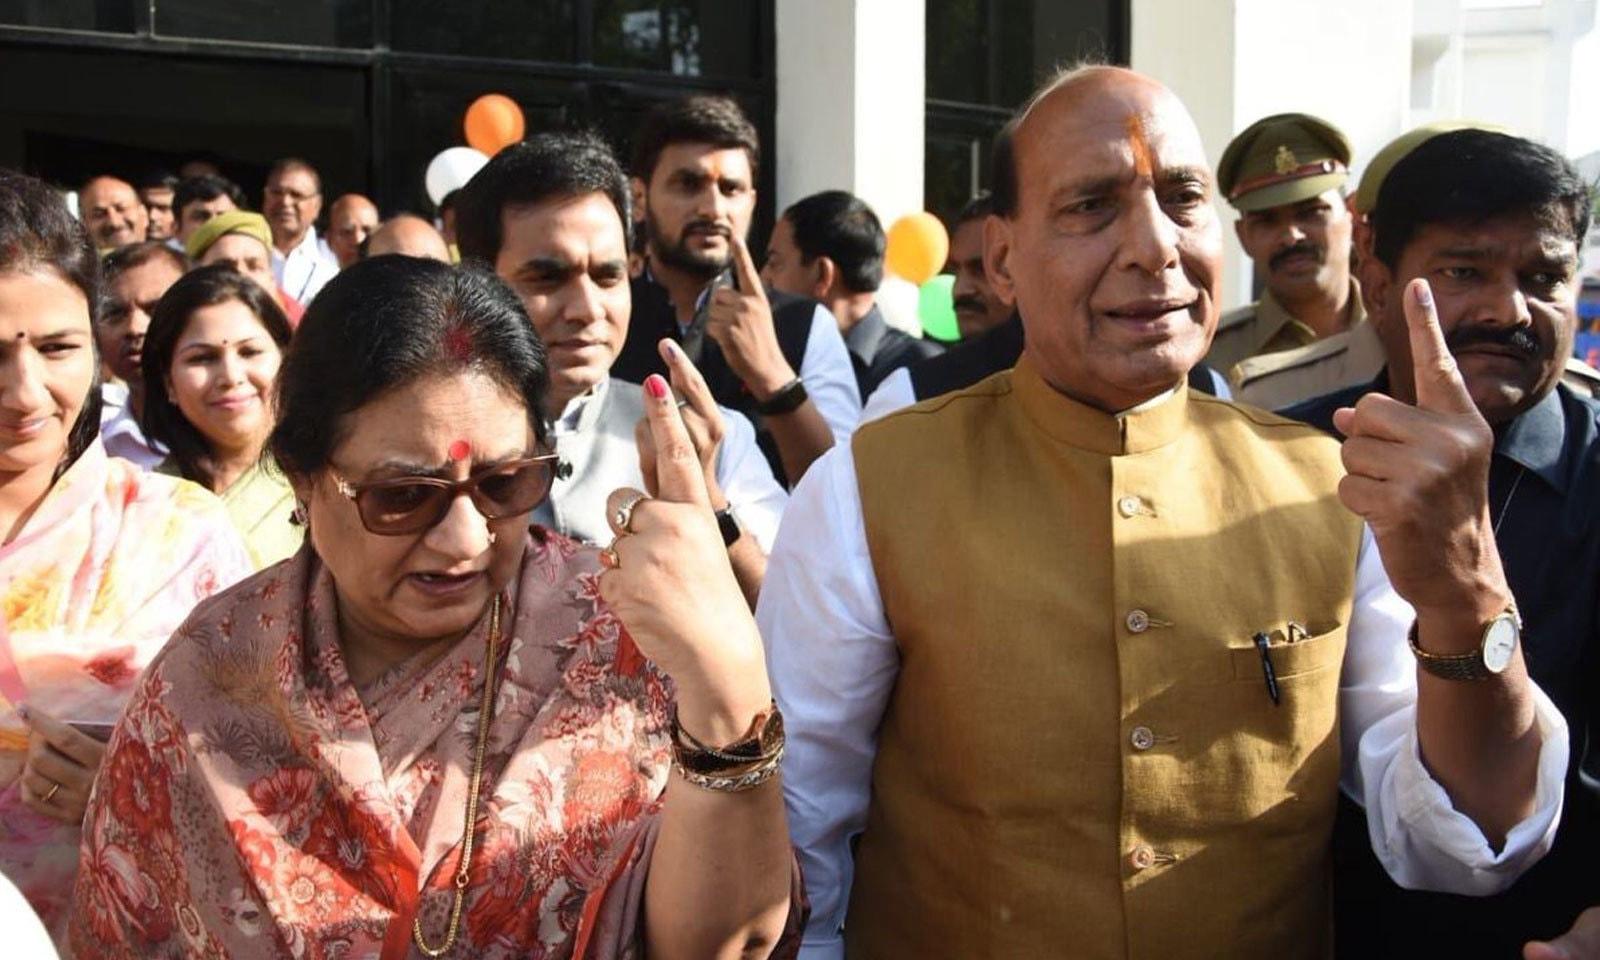 بھارتی وزیر داخلہ راج ناتھ سنگھ نے لکھنو میں ووٹ کاسٹ کیا — فوٹو: ٹوئٹر